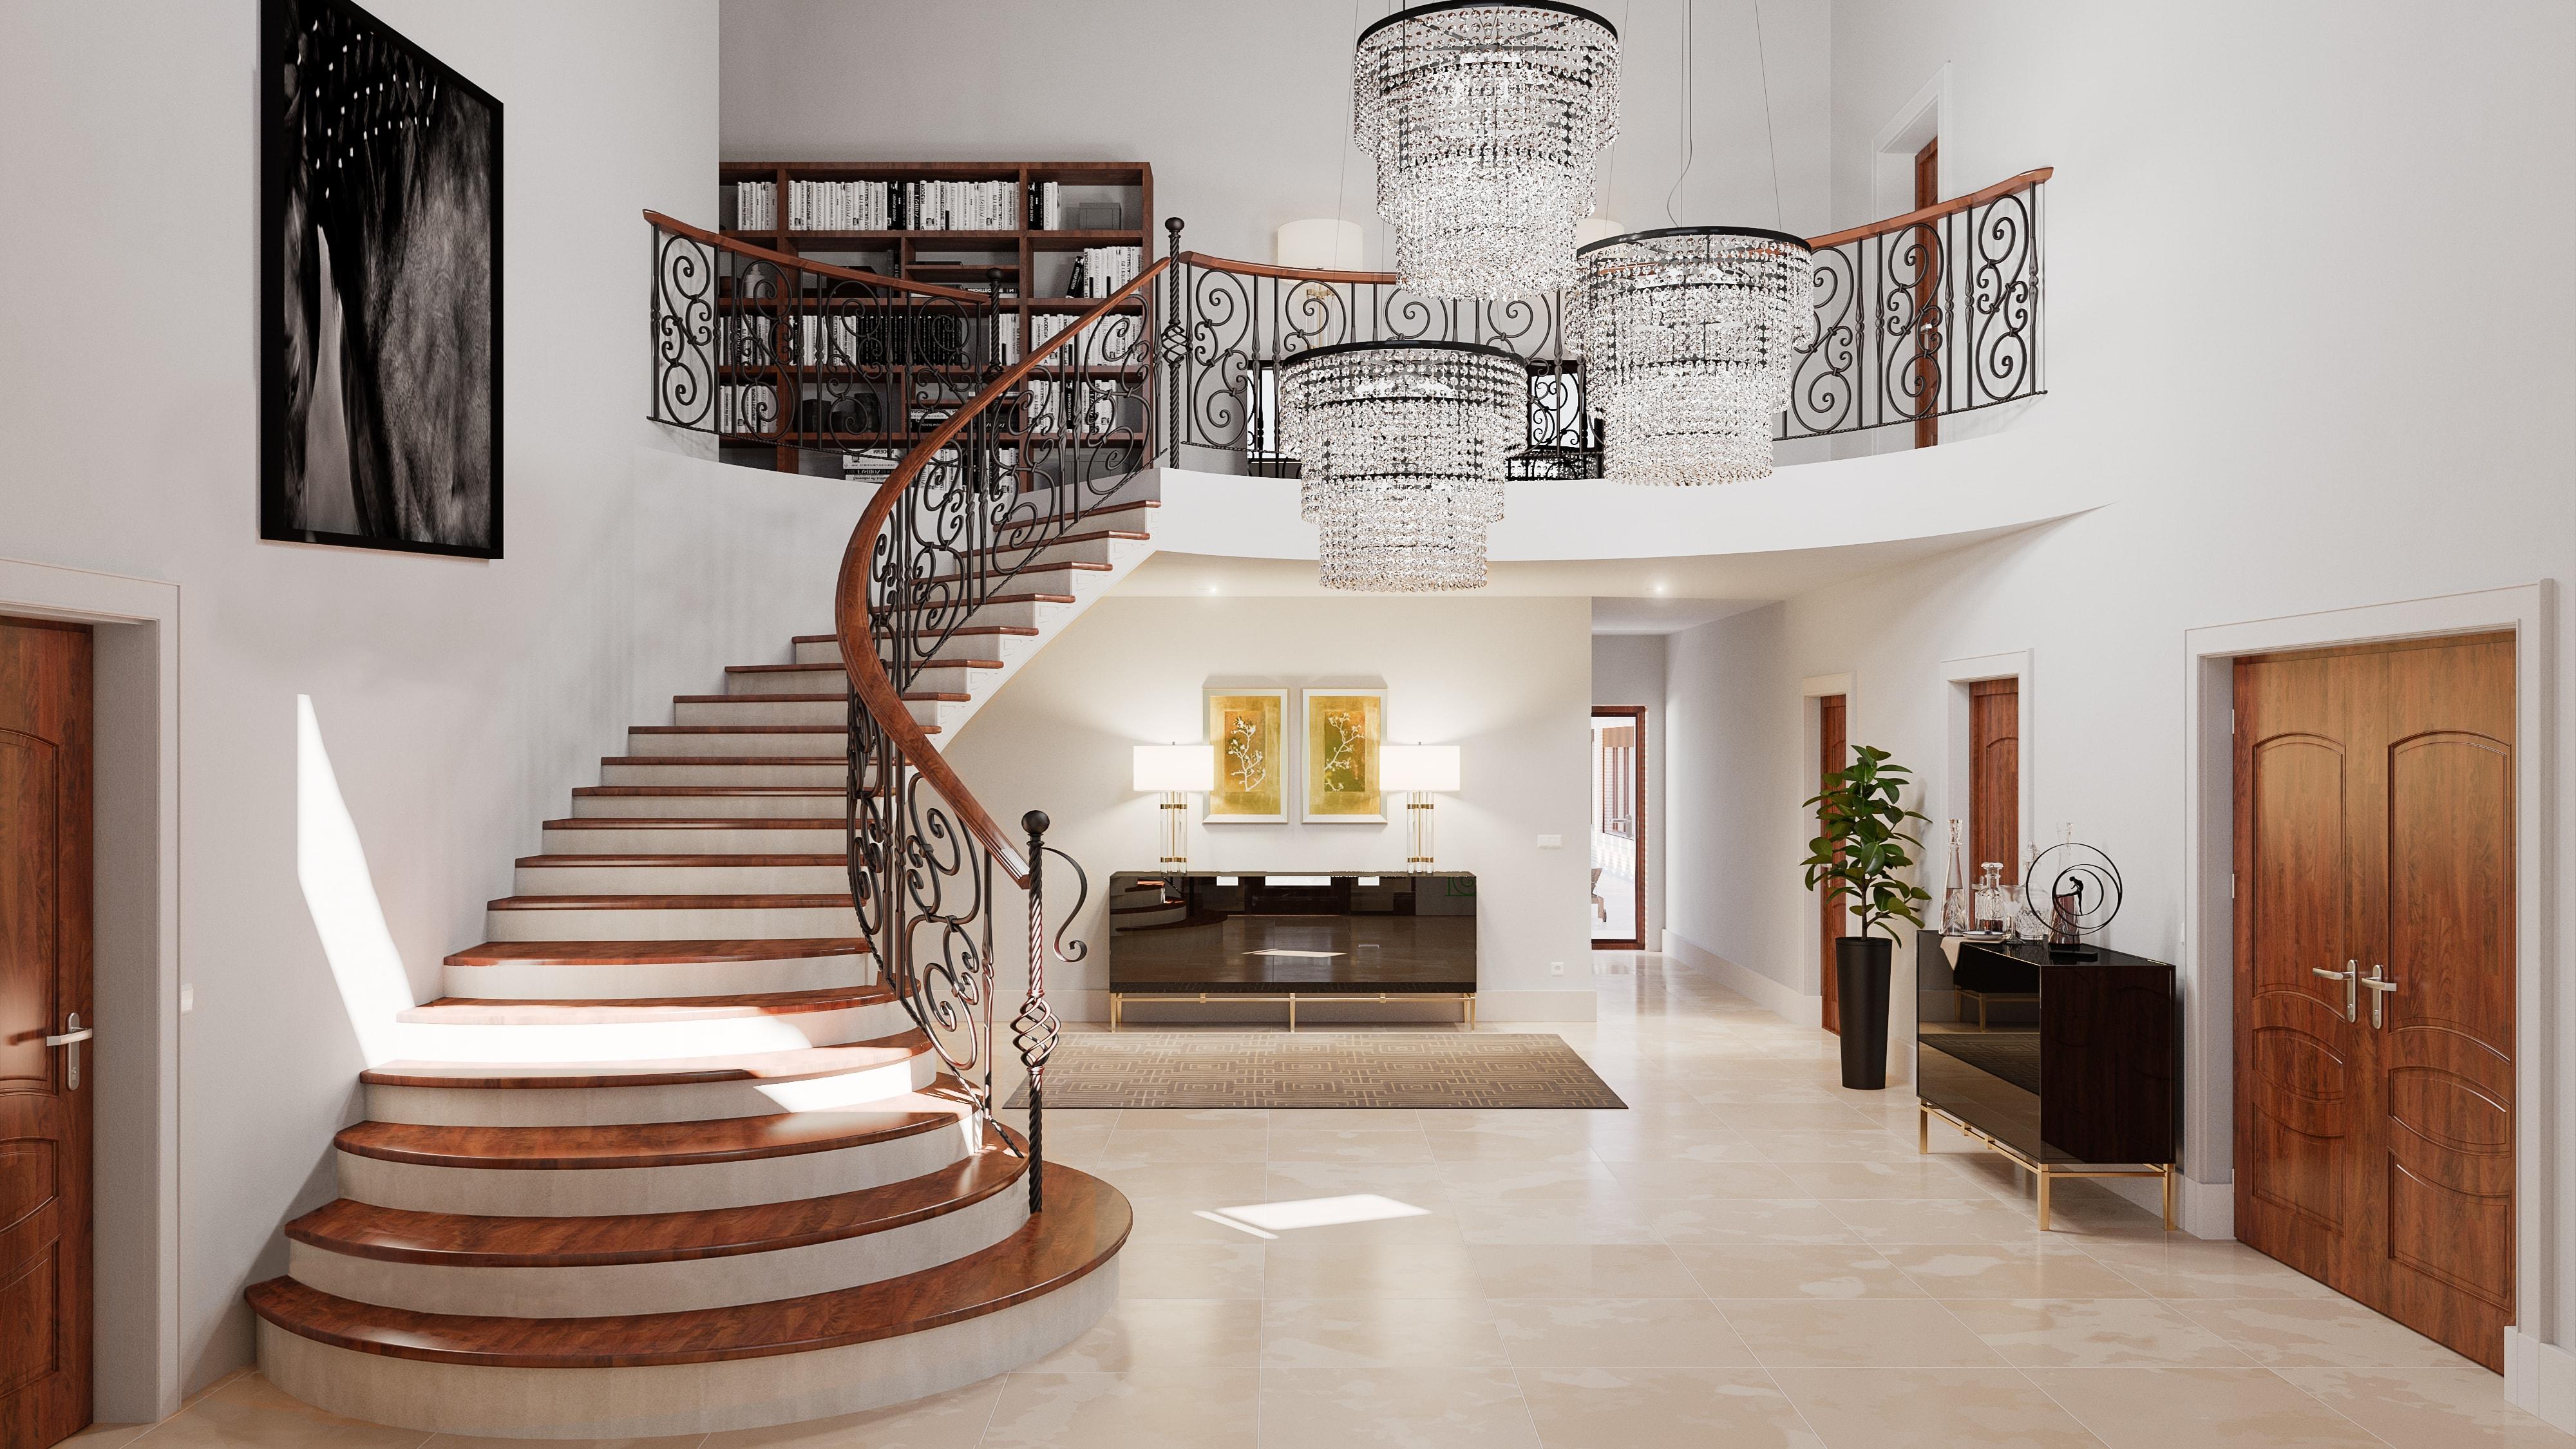 jardin interior expectacular en este dise ointerior de vivienda En este caso, los propietarios optaron por un estilo y unos acabados más  tradicionales, pero que sin duda suponen un resultado majestuoso y  espectacular.